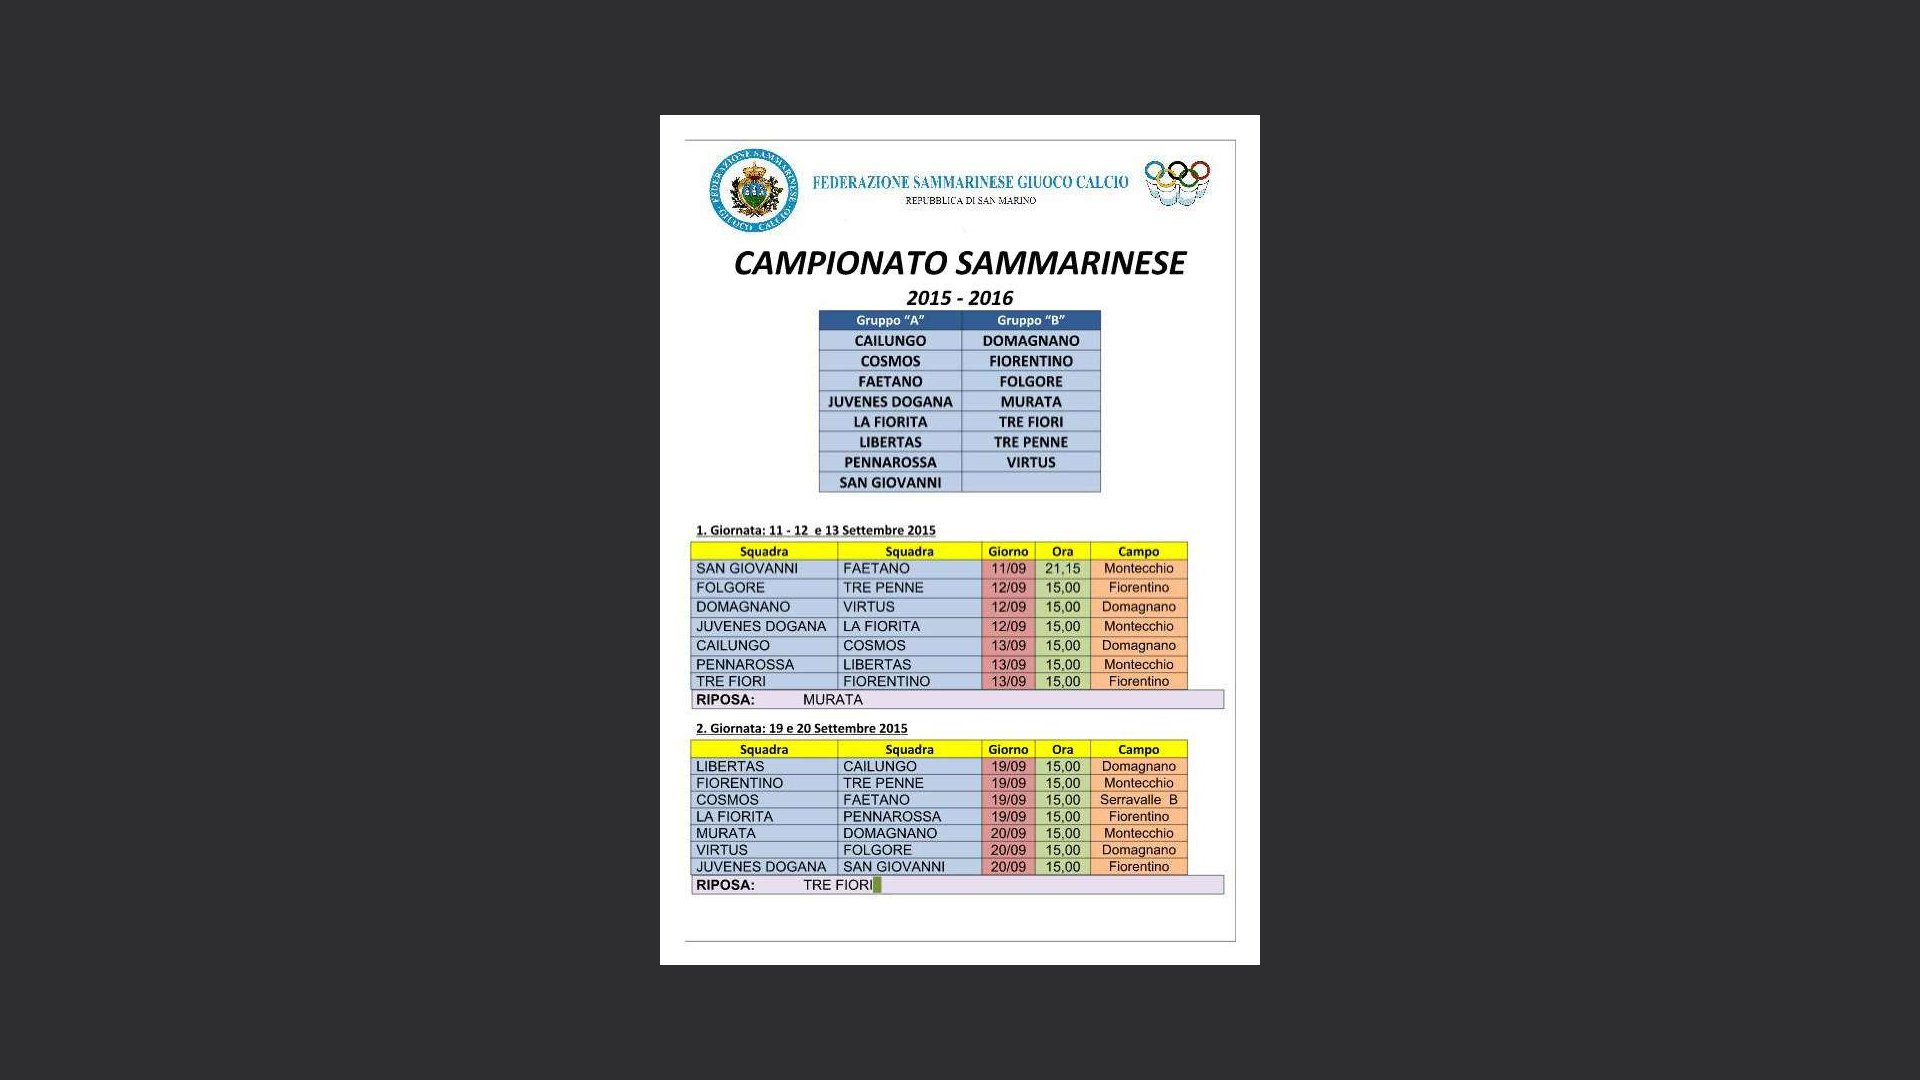 Calendario Campionato Calcio.Campionato Sammarinese 2015 2016 Il Calendario Completo